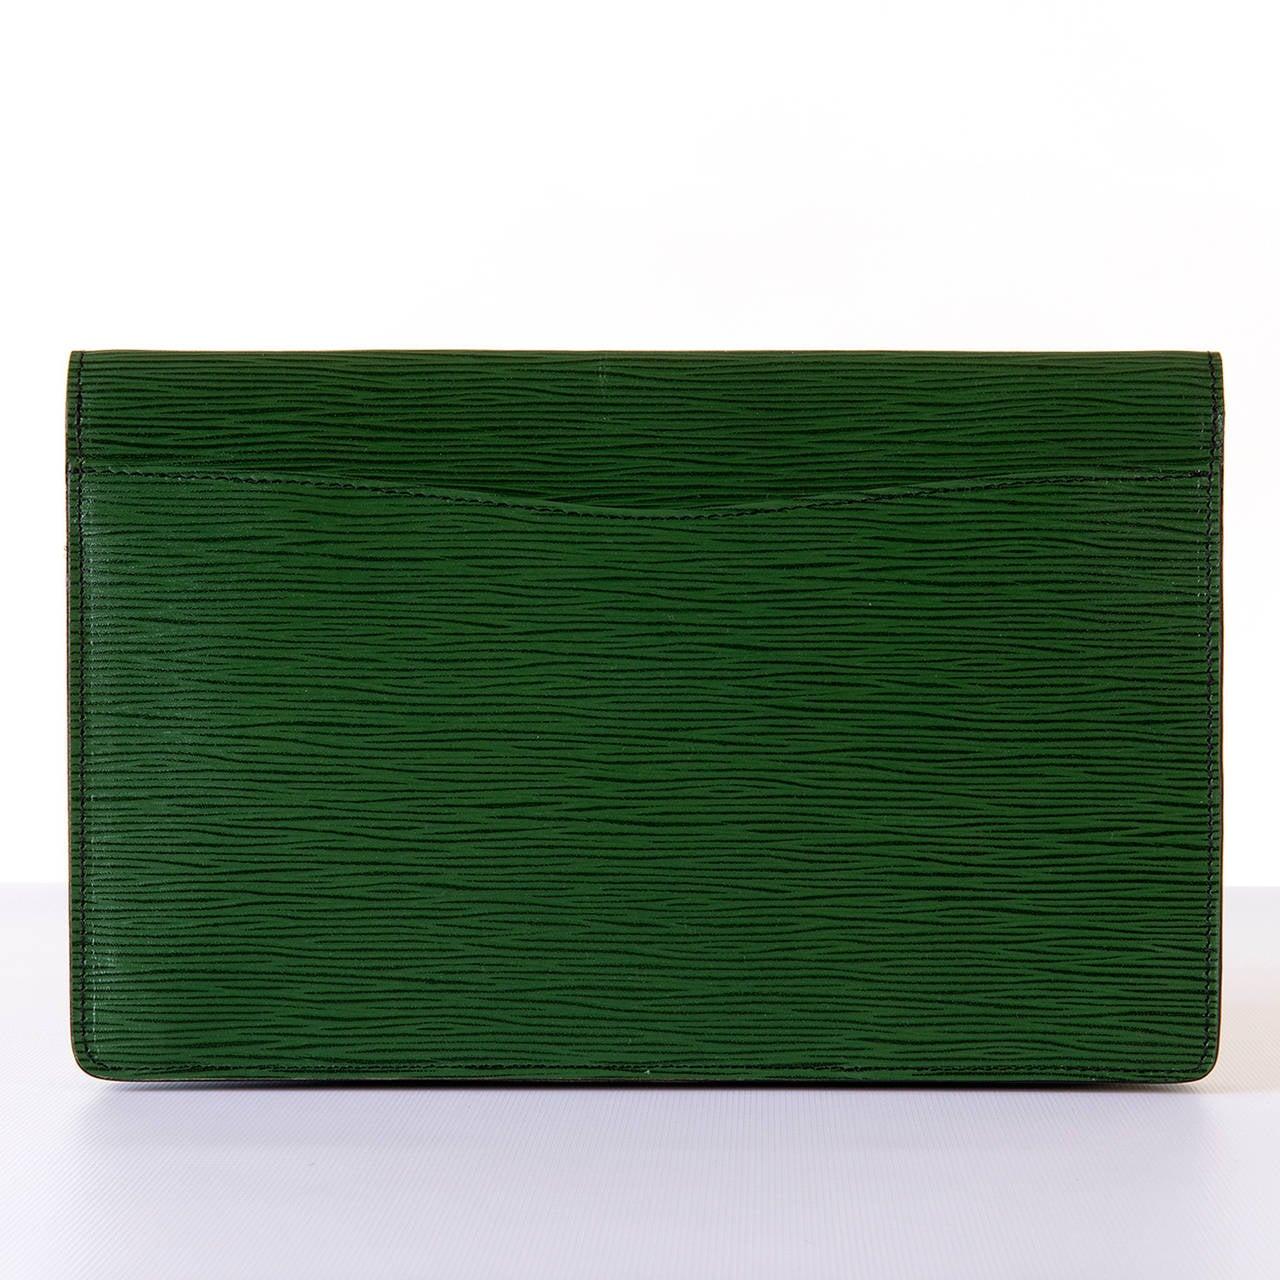 Louis Vuitton 'Menthe' Epi-Leather Clutch Bag 3